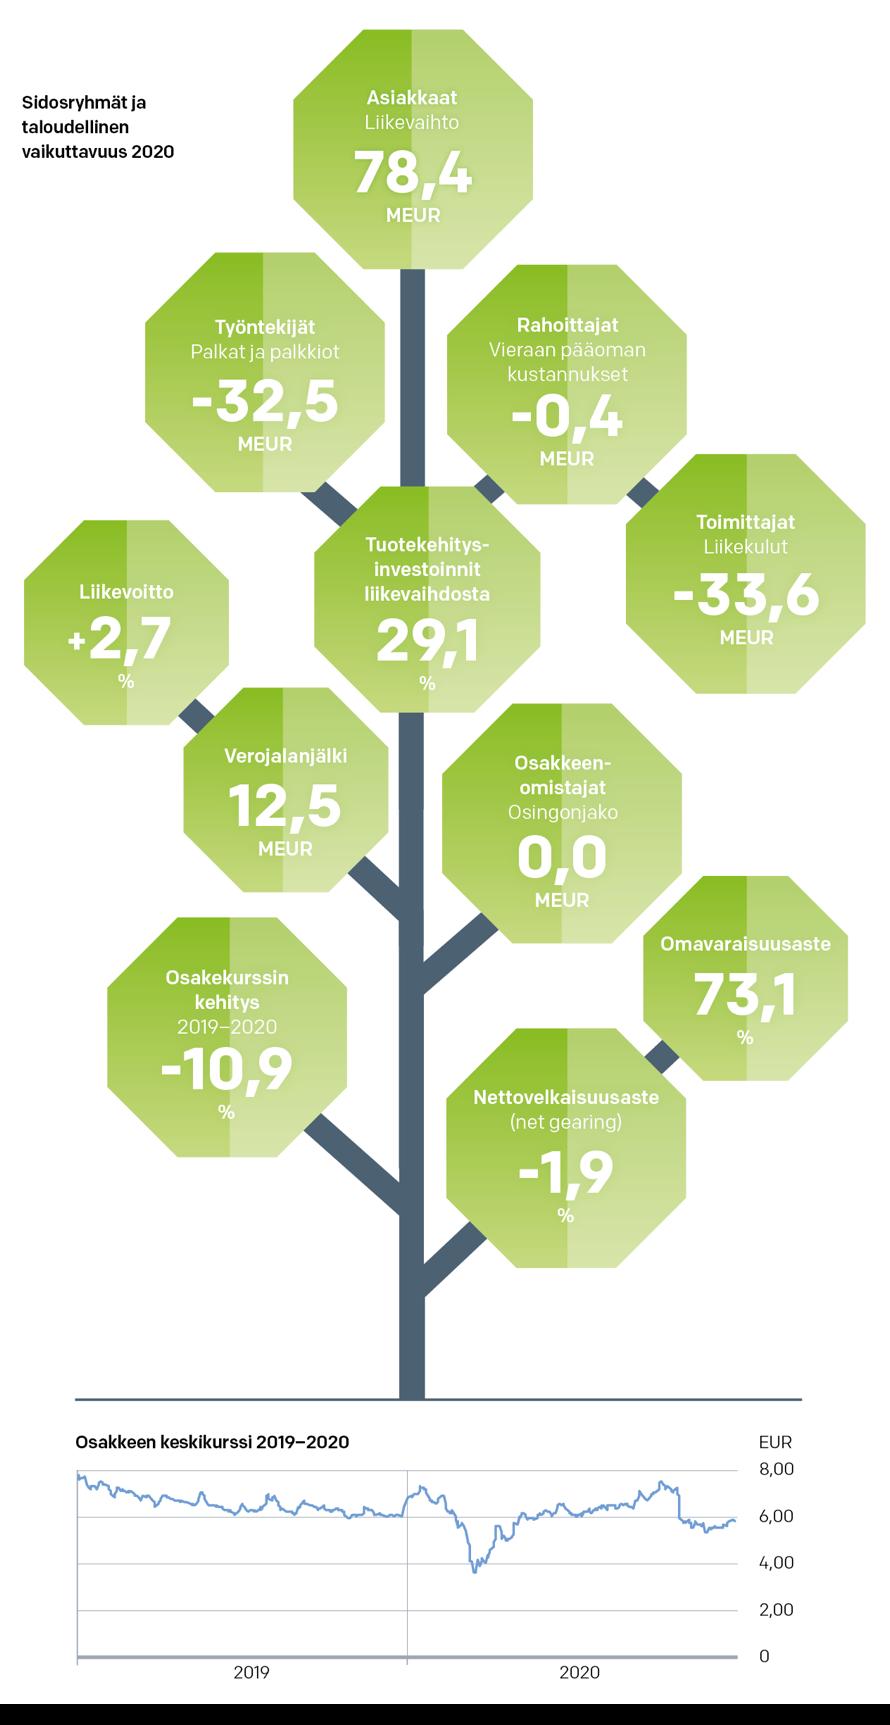 Sidosryhmät ja taloudellinen vaikuttavuus 2020 ja osakekurssi